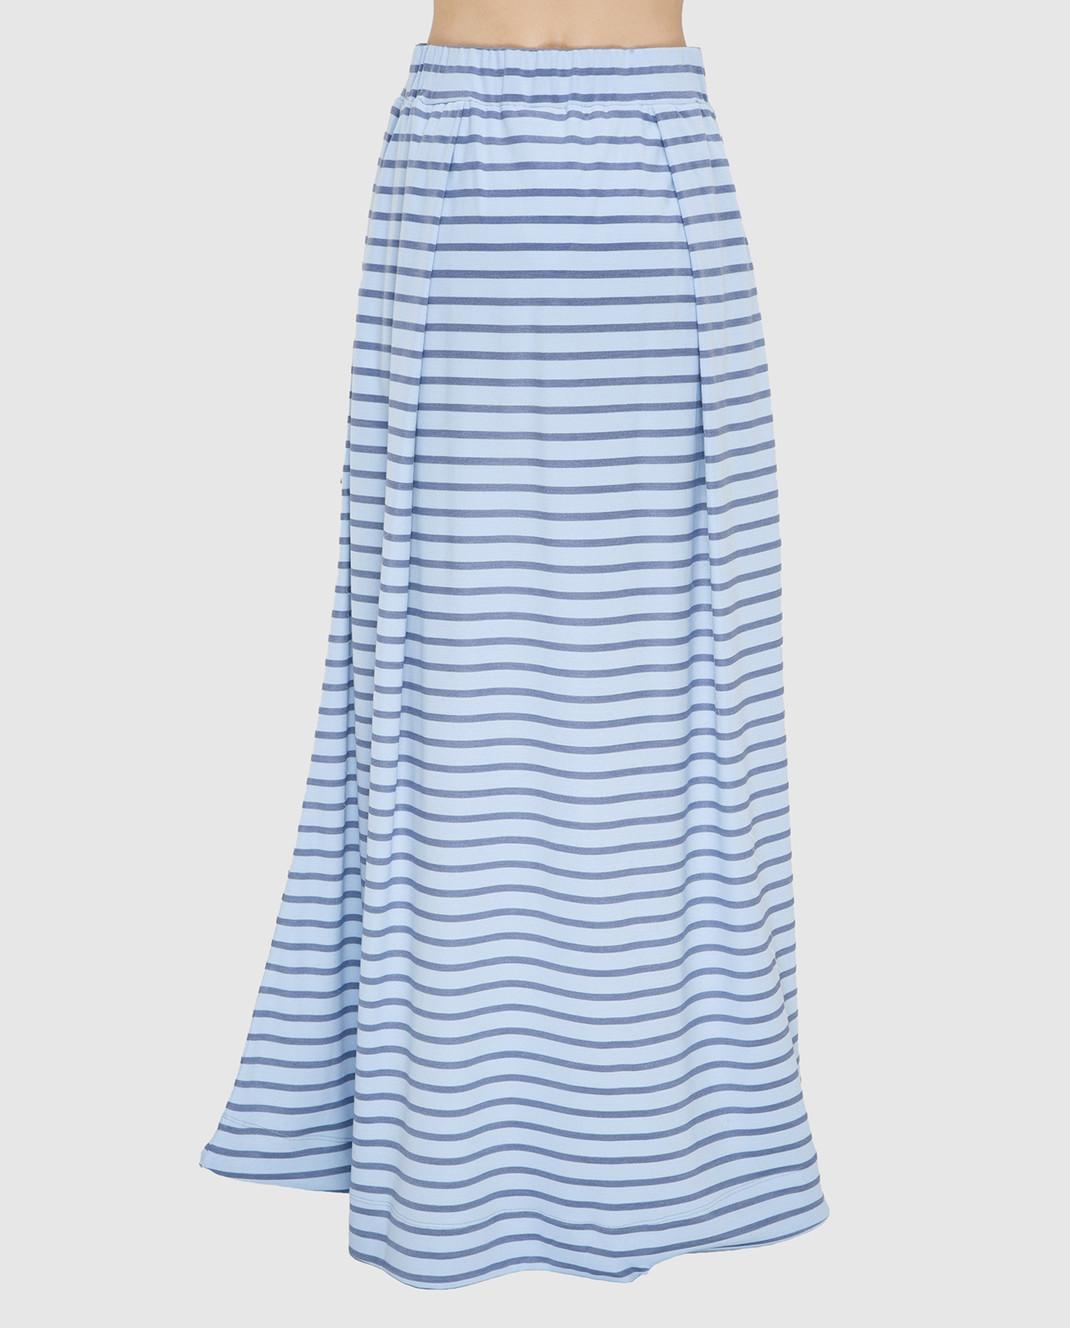 Ereda Голубая юбка 241498L изображение 5